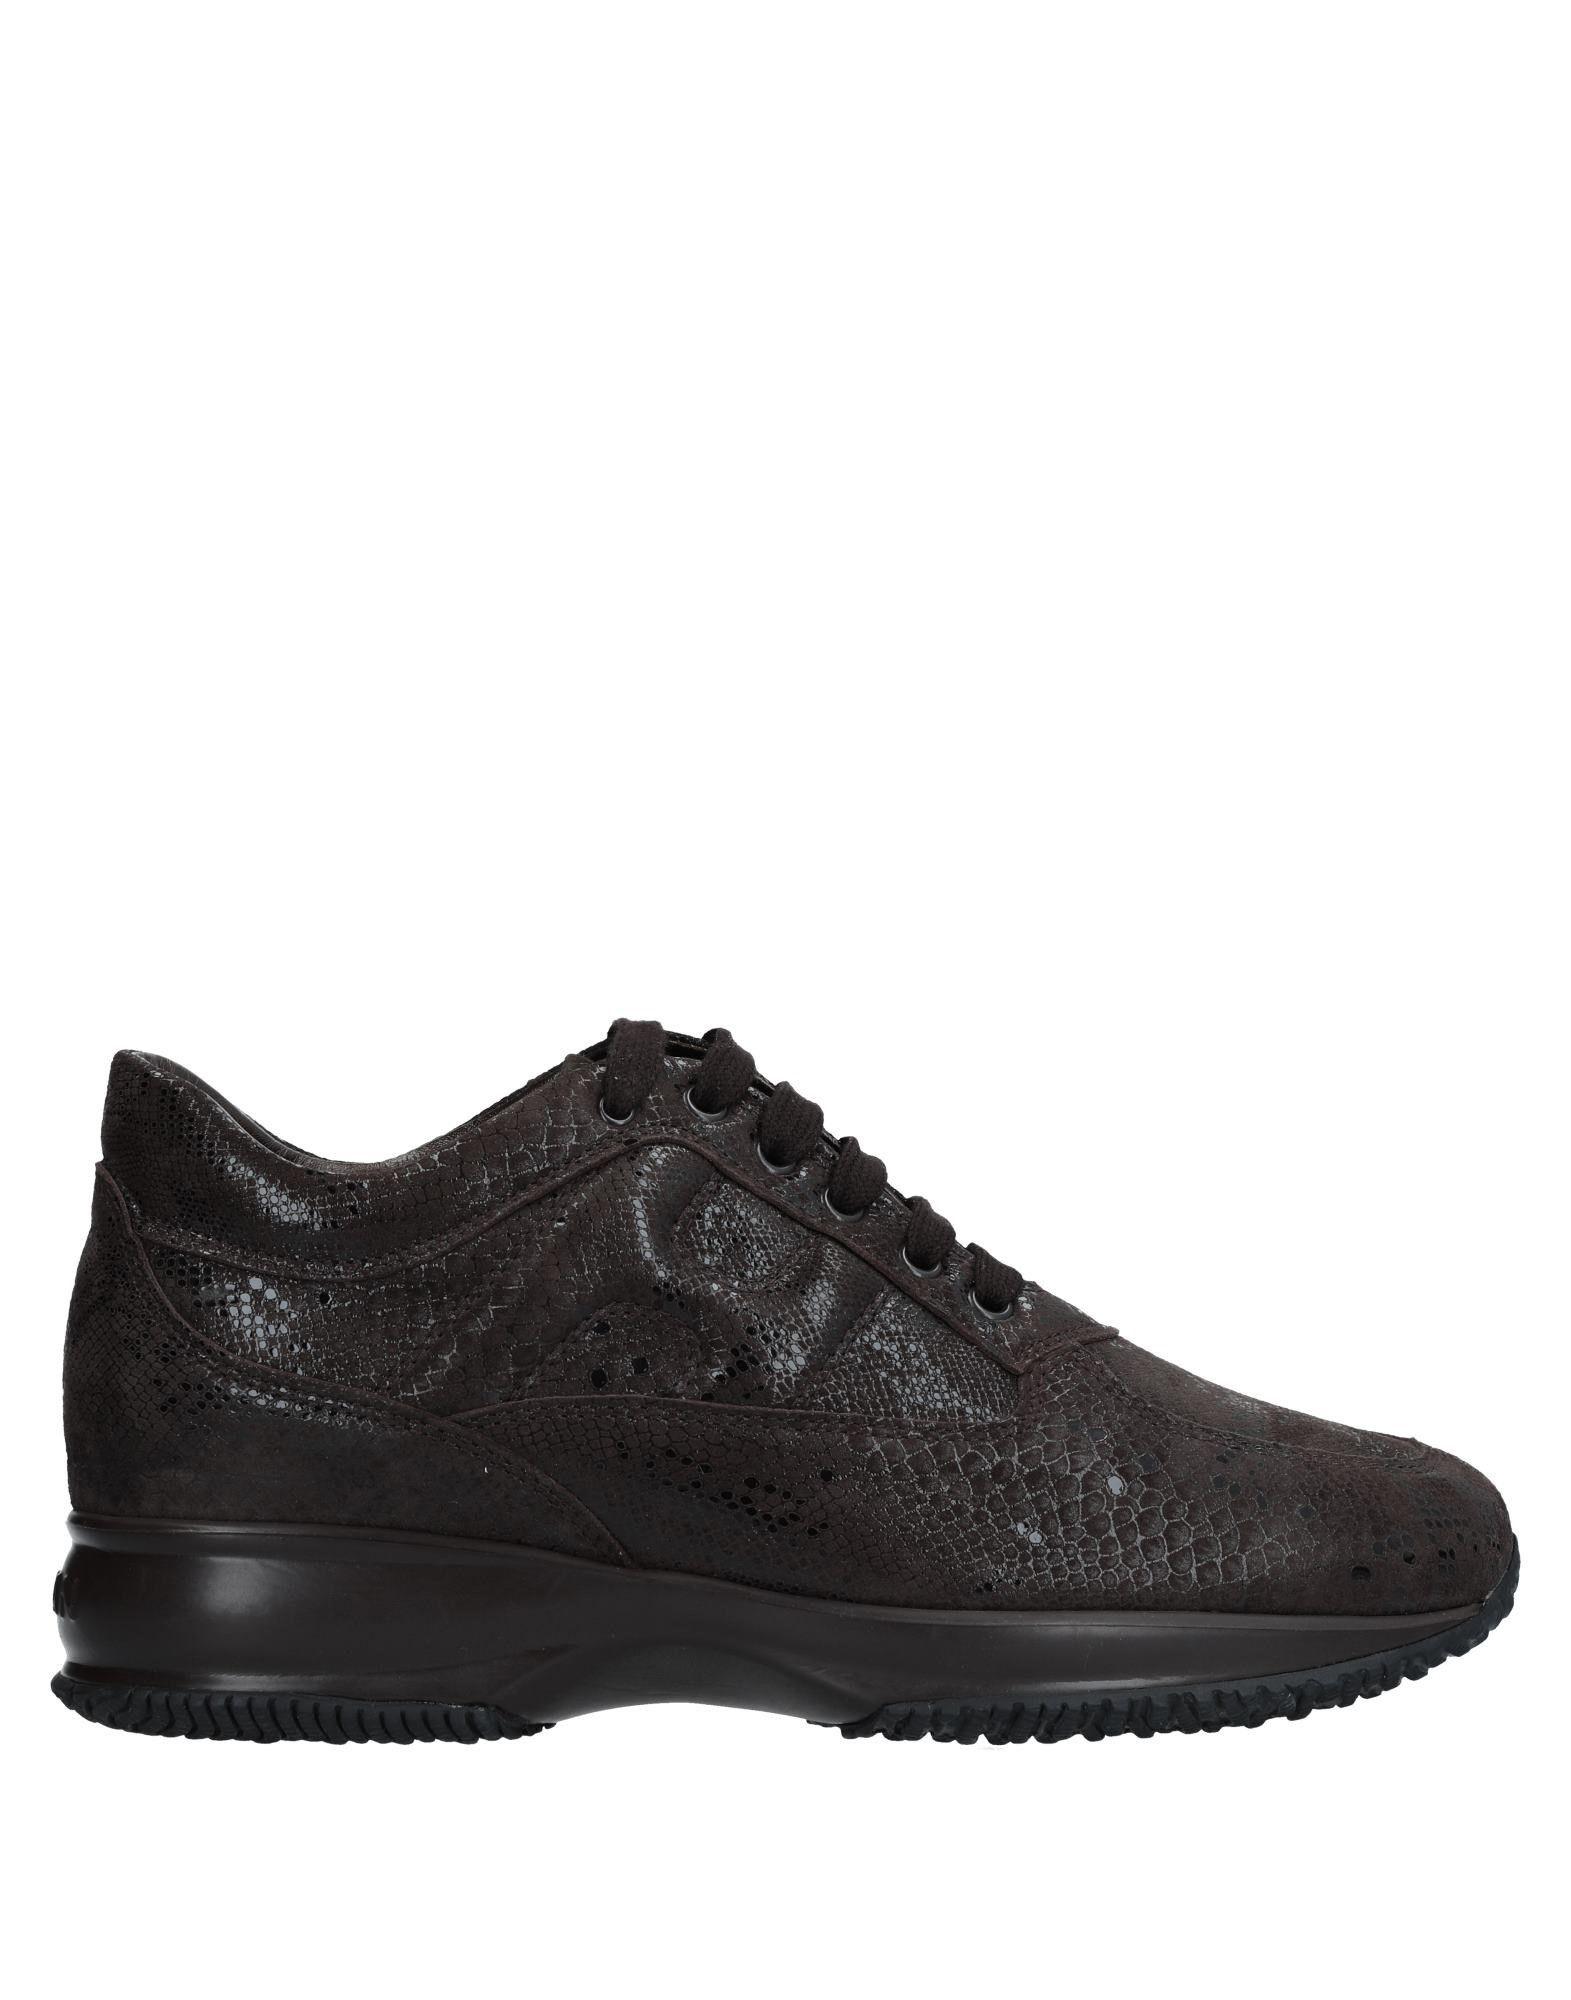 Hogan aussehende Sneakers Damen  11537941KVGut aussehende Hogan strapazierfähige Schuhe 685d0e